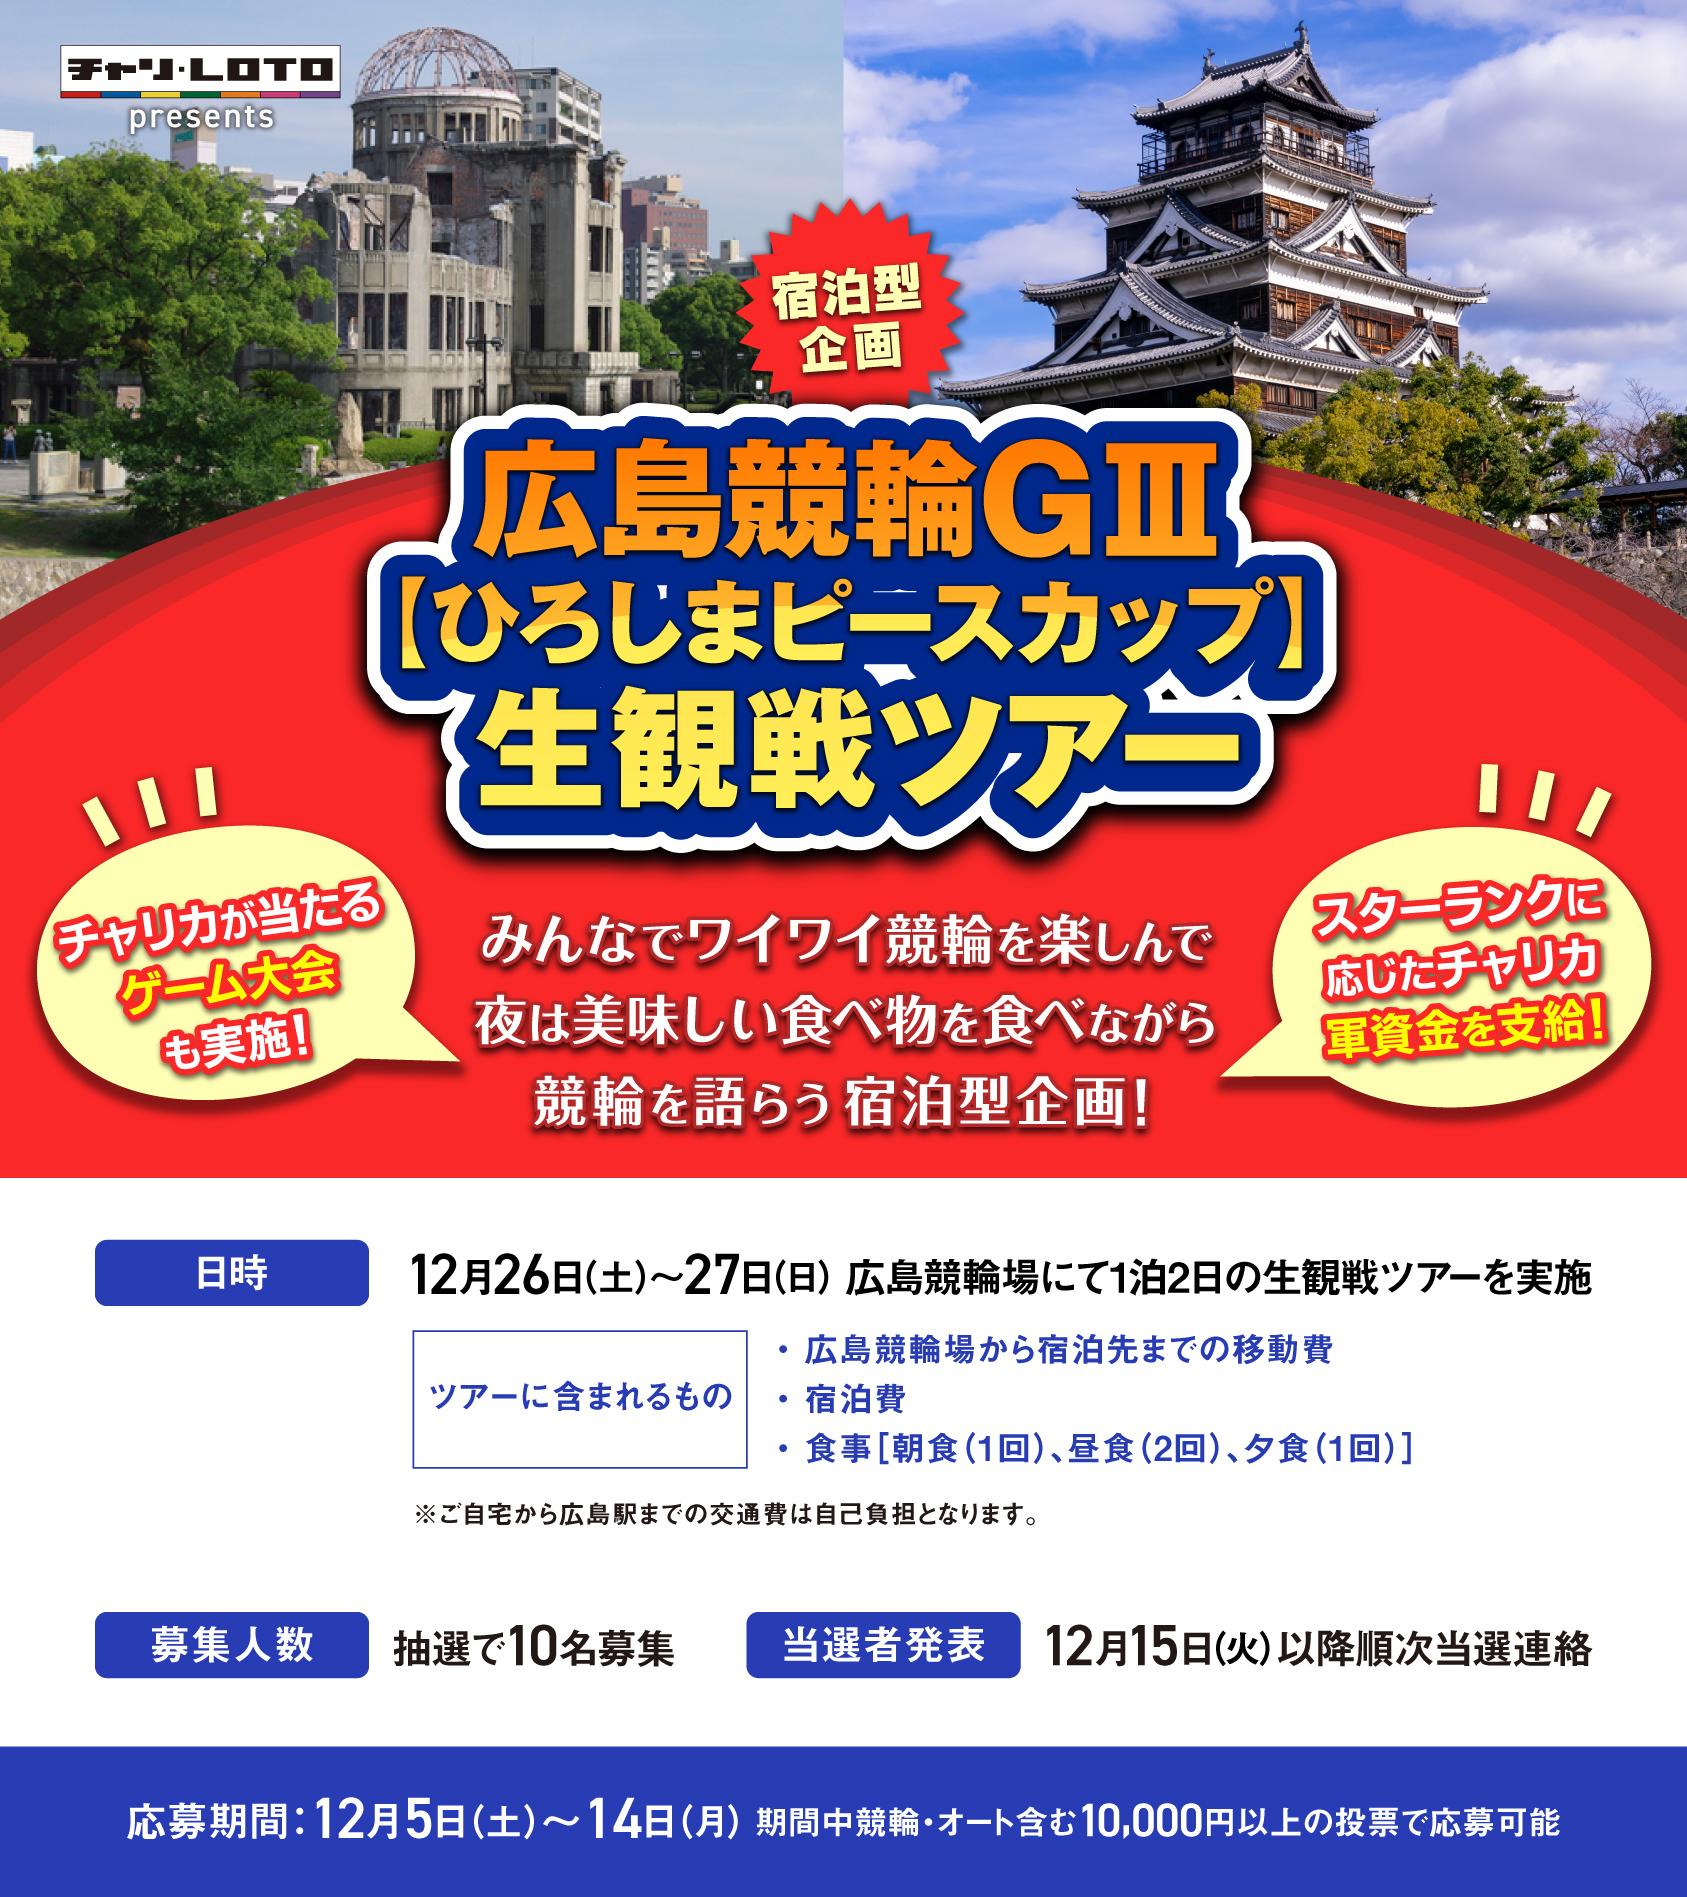 広島競輪【G3】「ひろしまピースカップ」生観戦ツアーキャンペーン